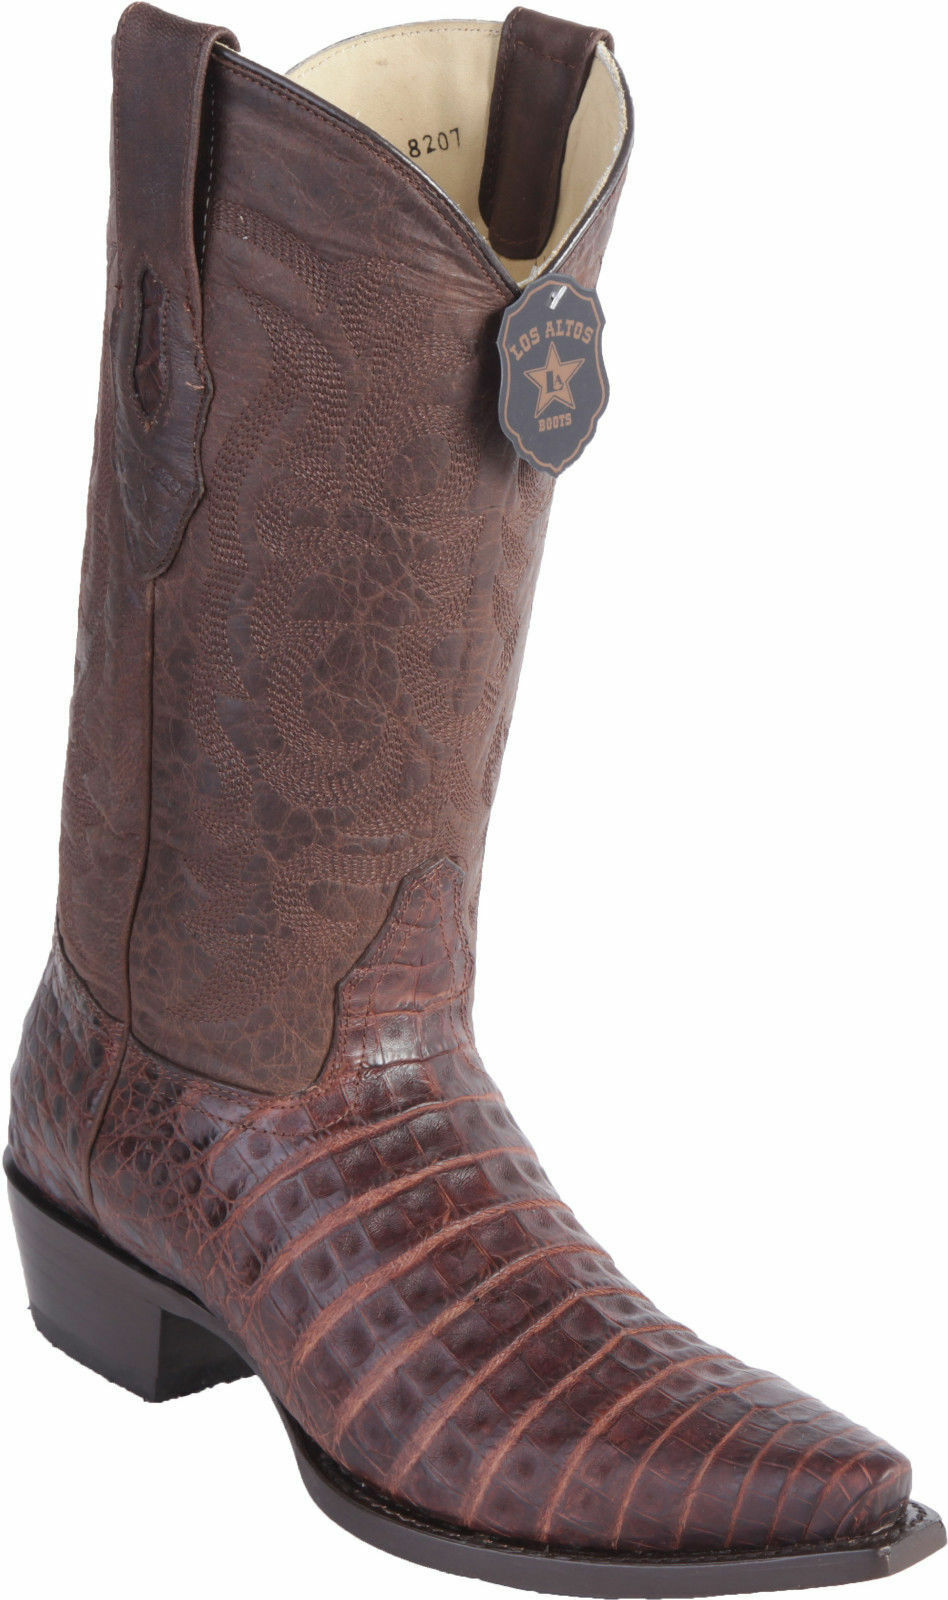 Los Altos Genuine BROWN CROCODILE CAIMAN Belly Snip Toe Western Cowboy Boot EE